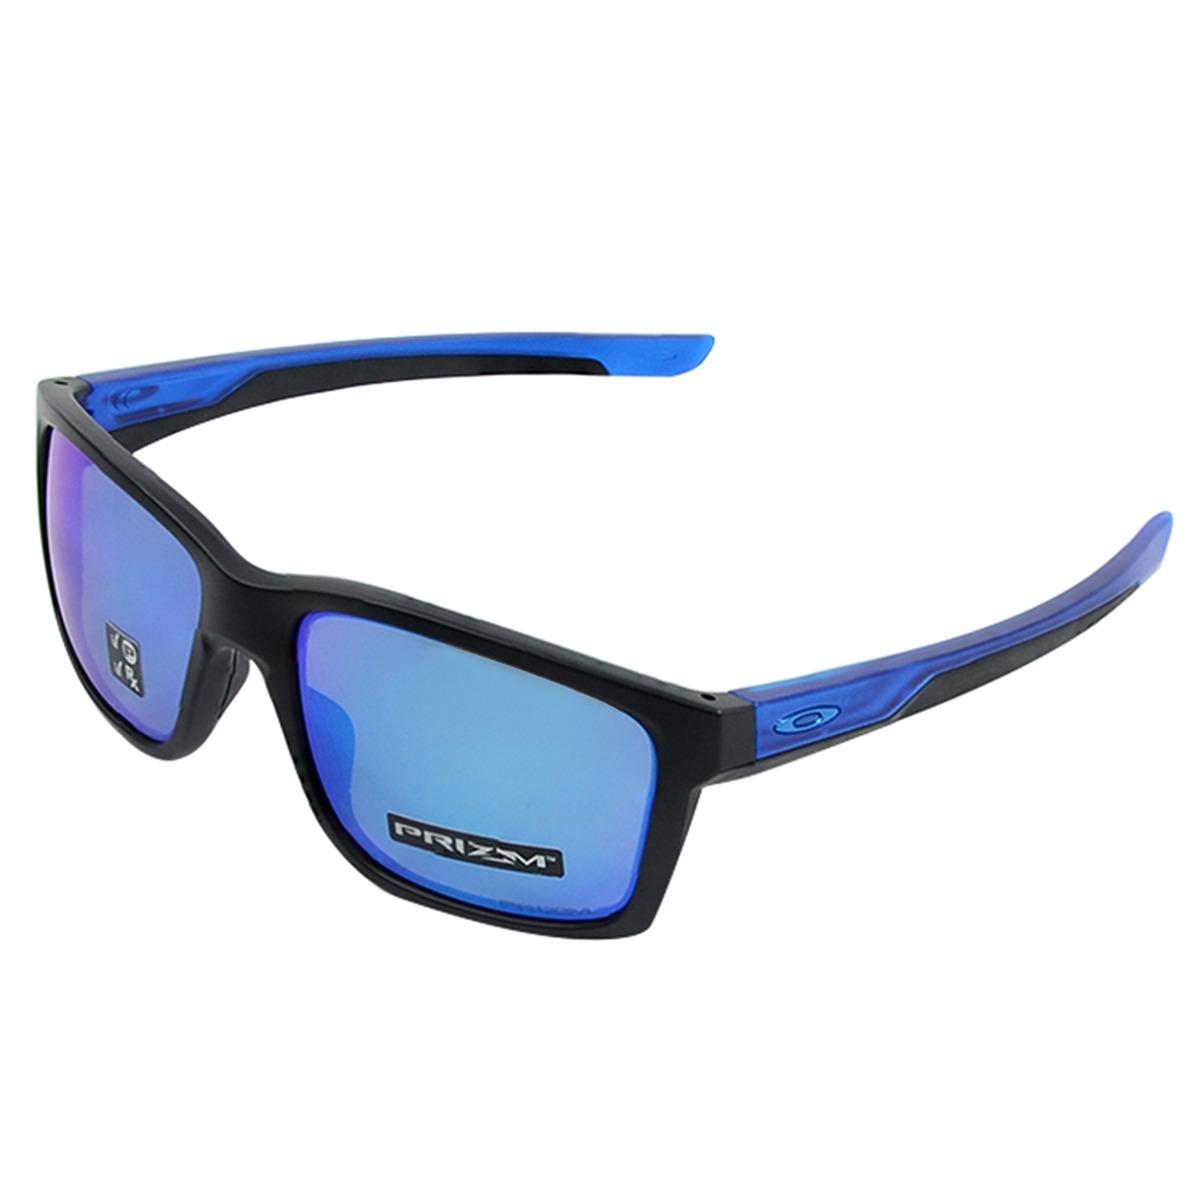 da053c3dd59ee Óculos Oakley Mainlink Sapphire Preto Matte - R  710,00 em Mercado Livre